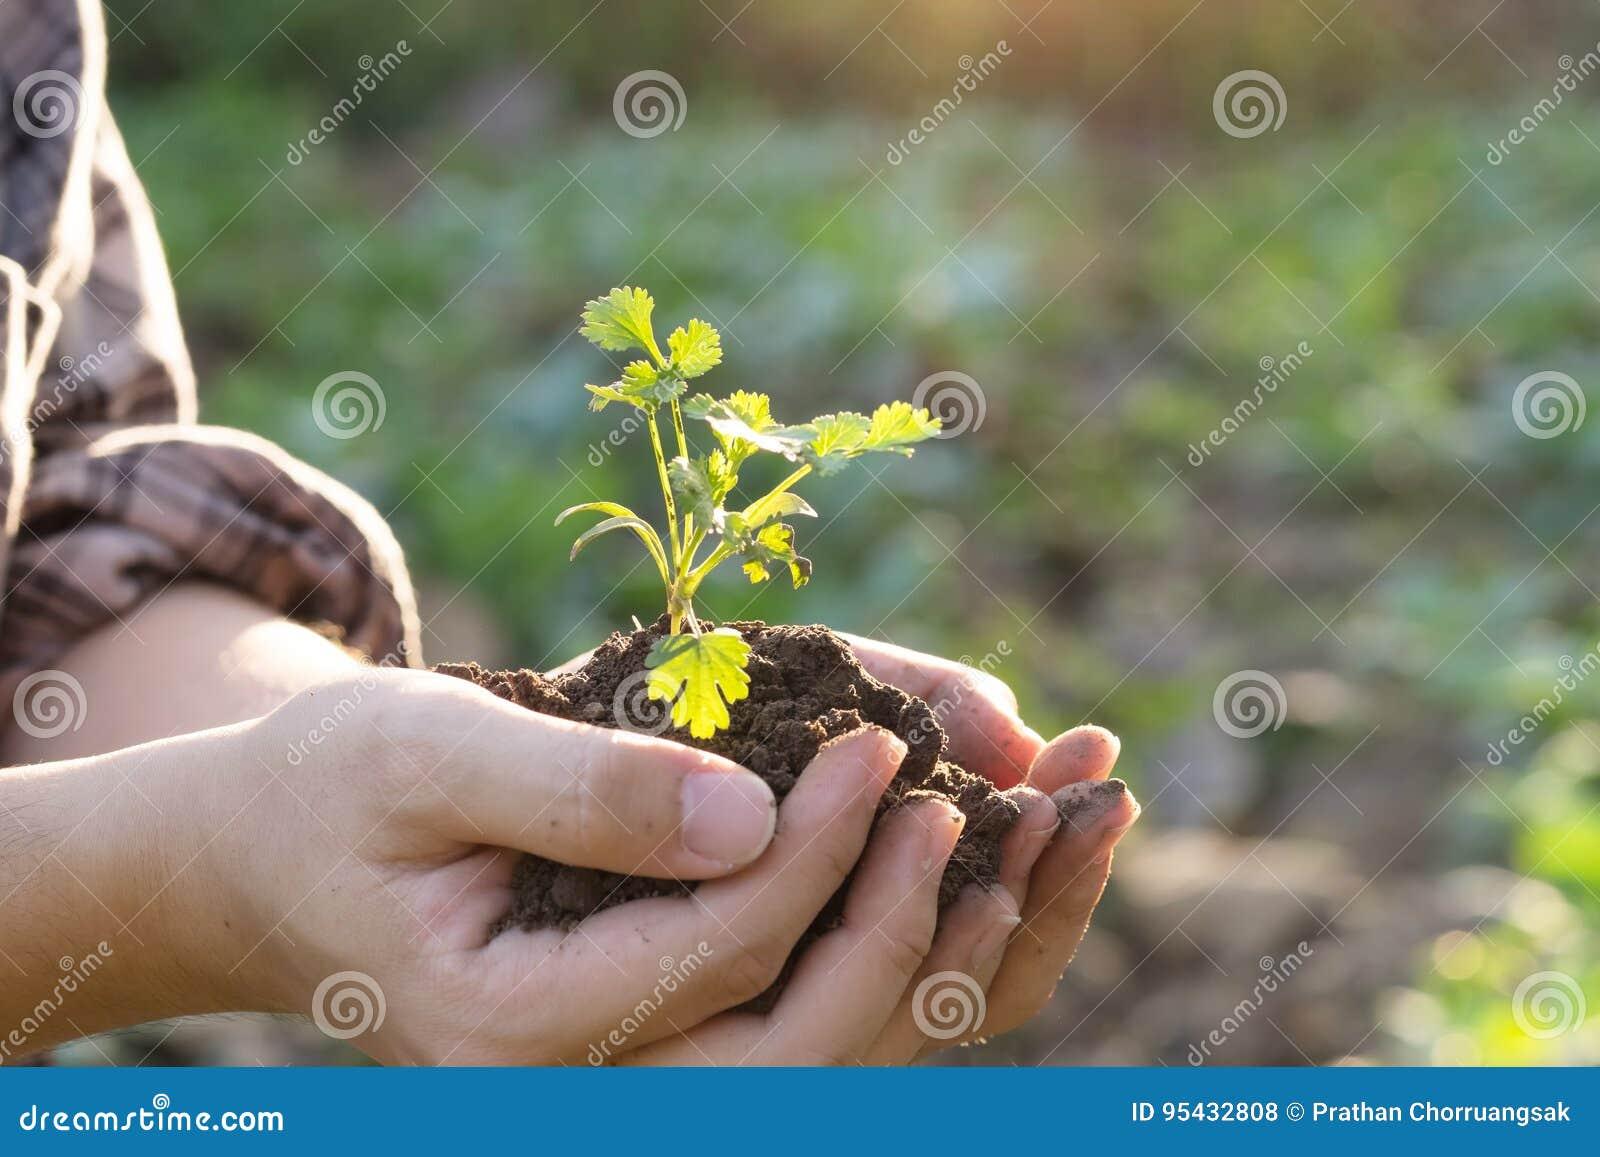 Smutsa kultiverad smuts, jord, jordning, åkerbrukt fostra för landbakgrund behandla som ett barn växten förestående